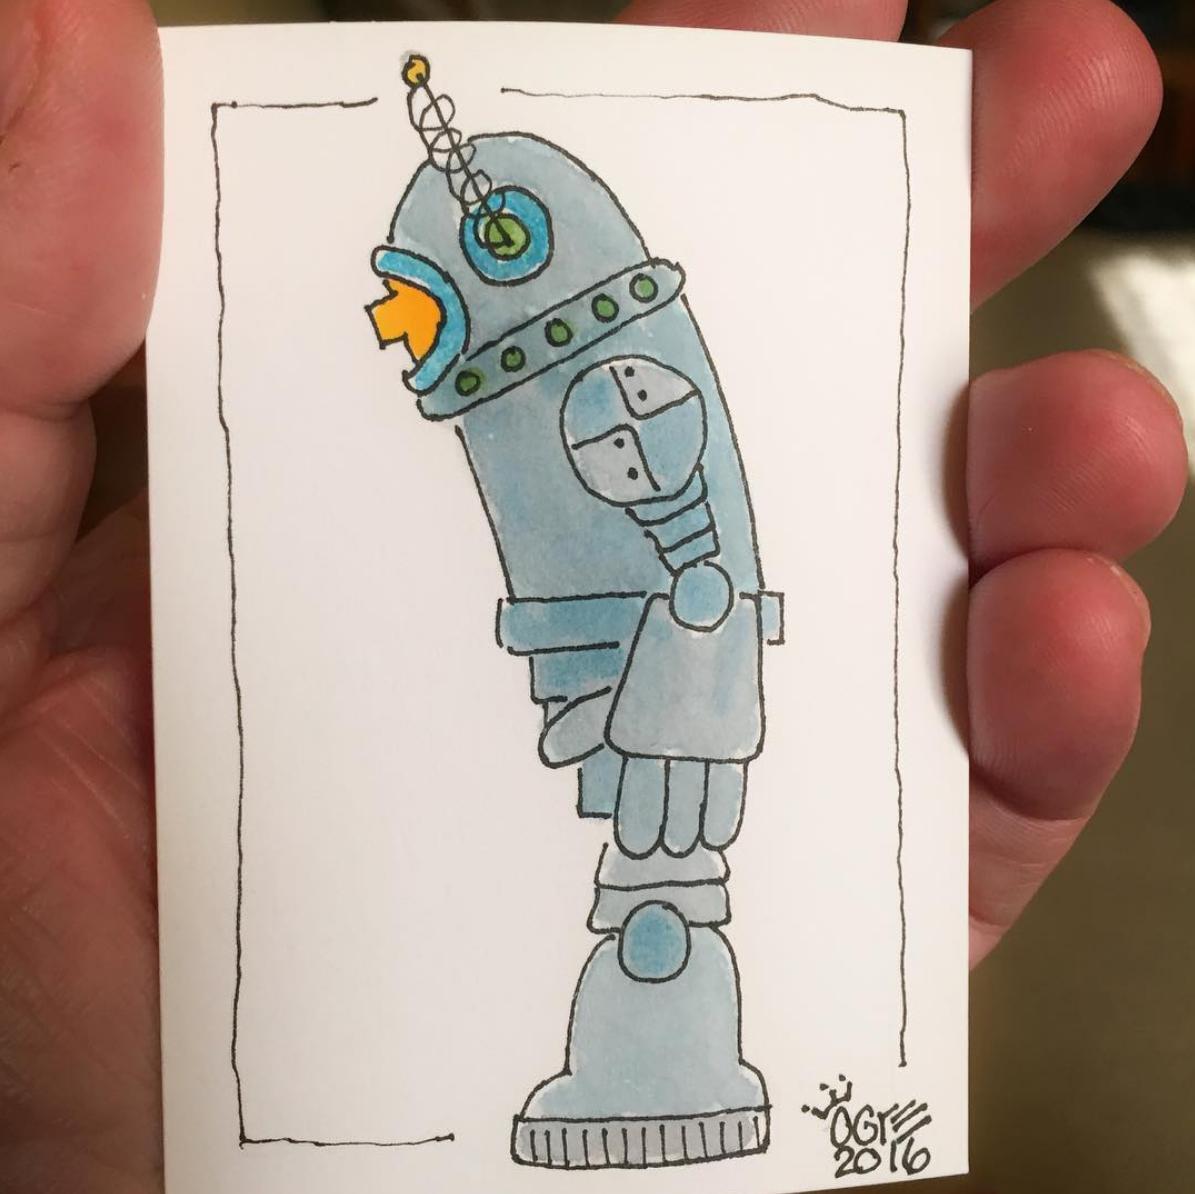 Dejected Bot